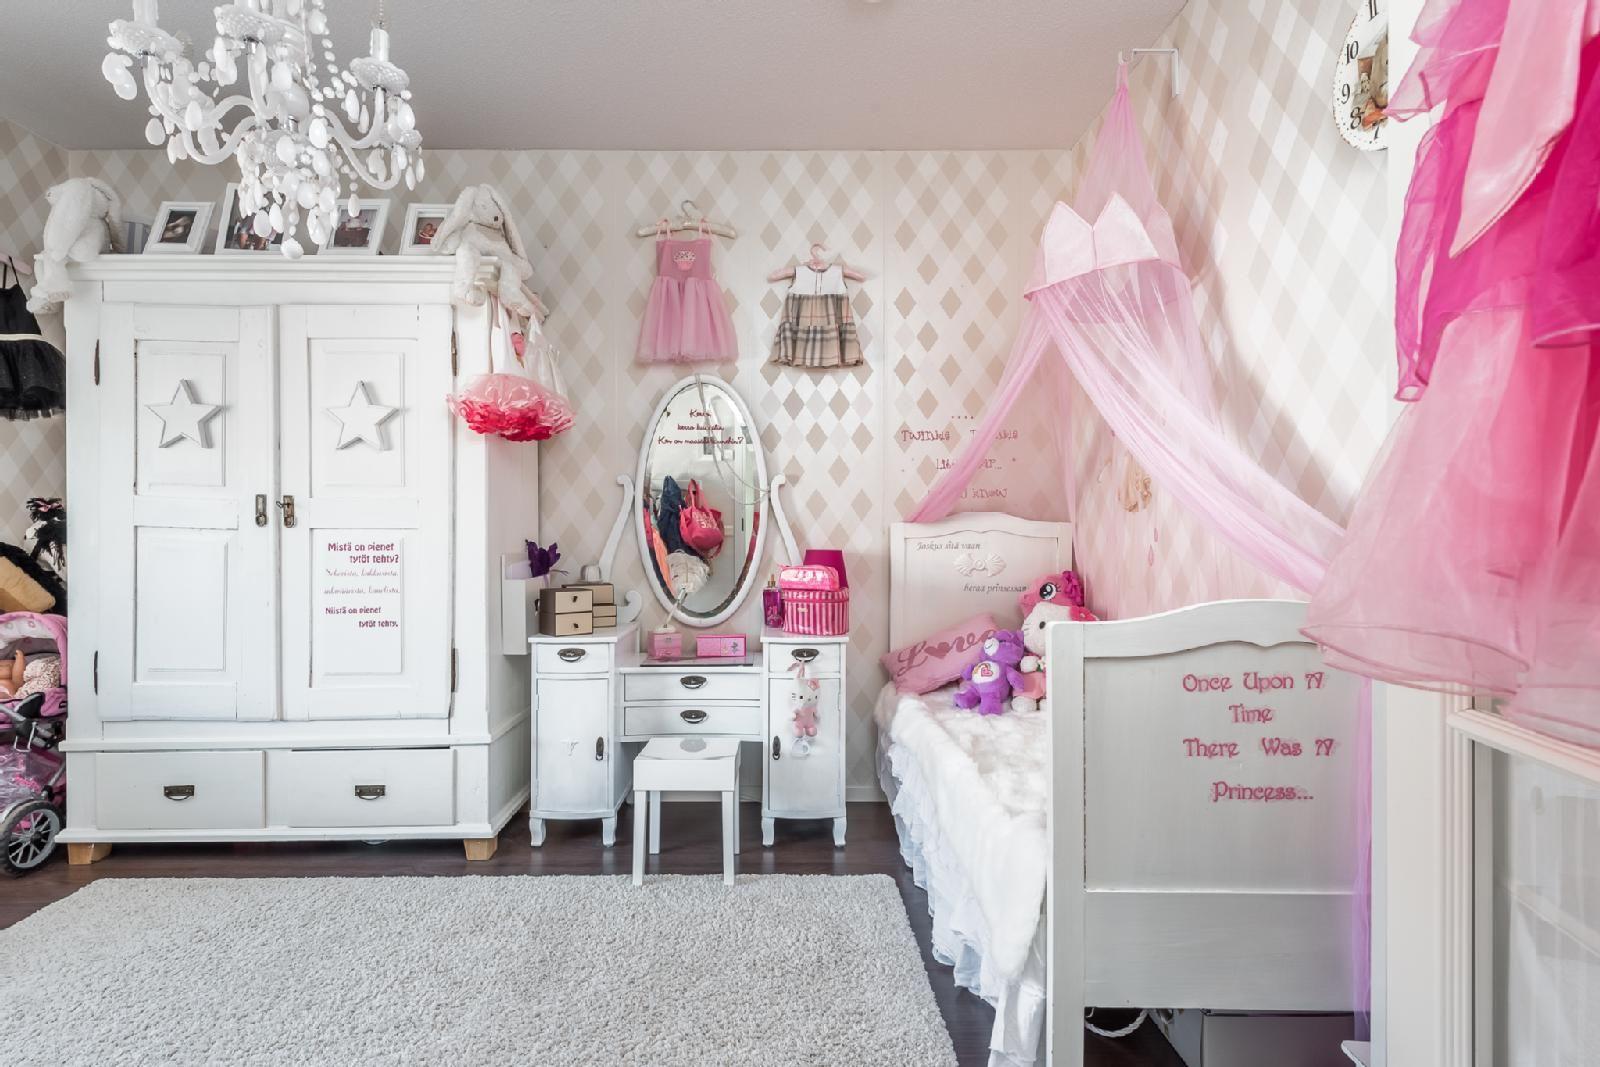 Olipa kerran pikku prinsessa… Tämä jos mikä on pienen tytön unelma! Huone on kerrassaan valloittava ihanine vaaleanpunaisine yksityiskohtineen.